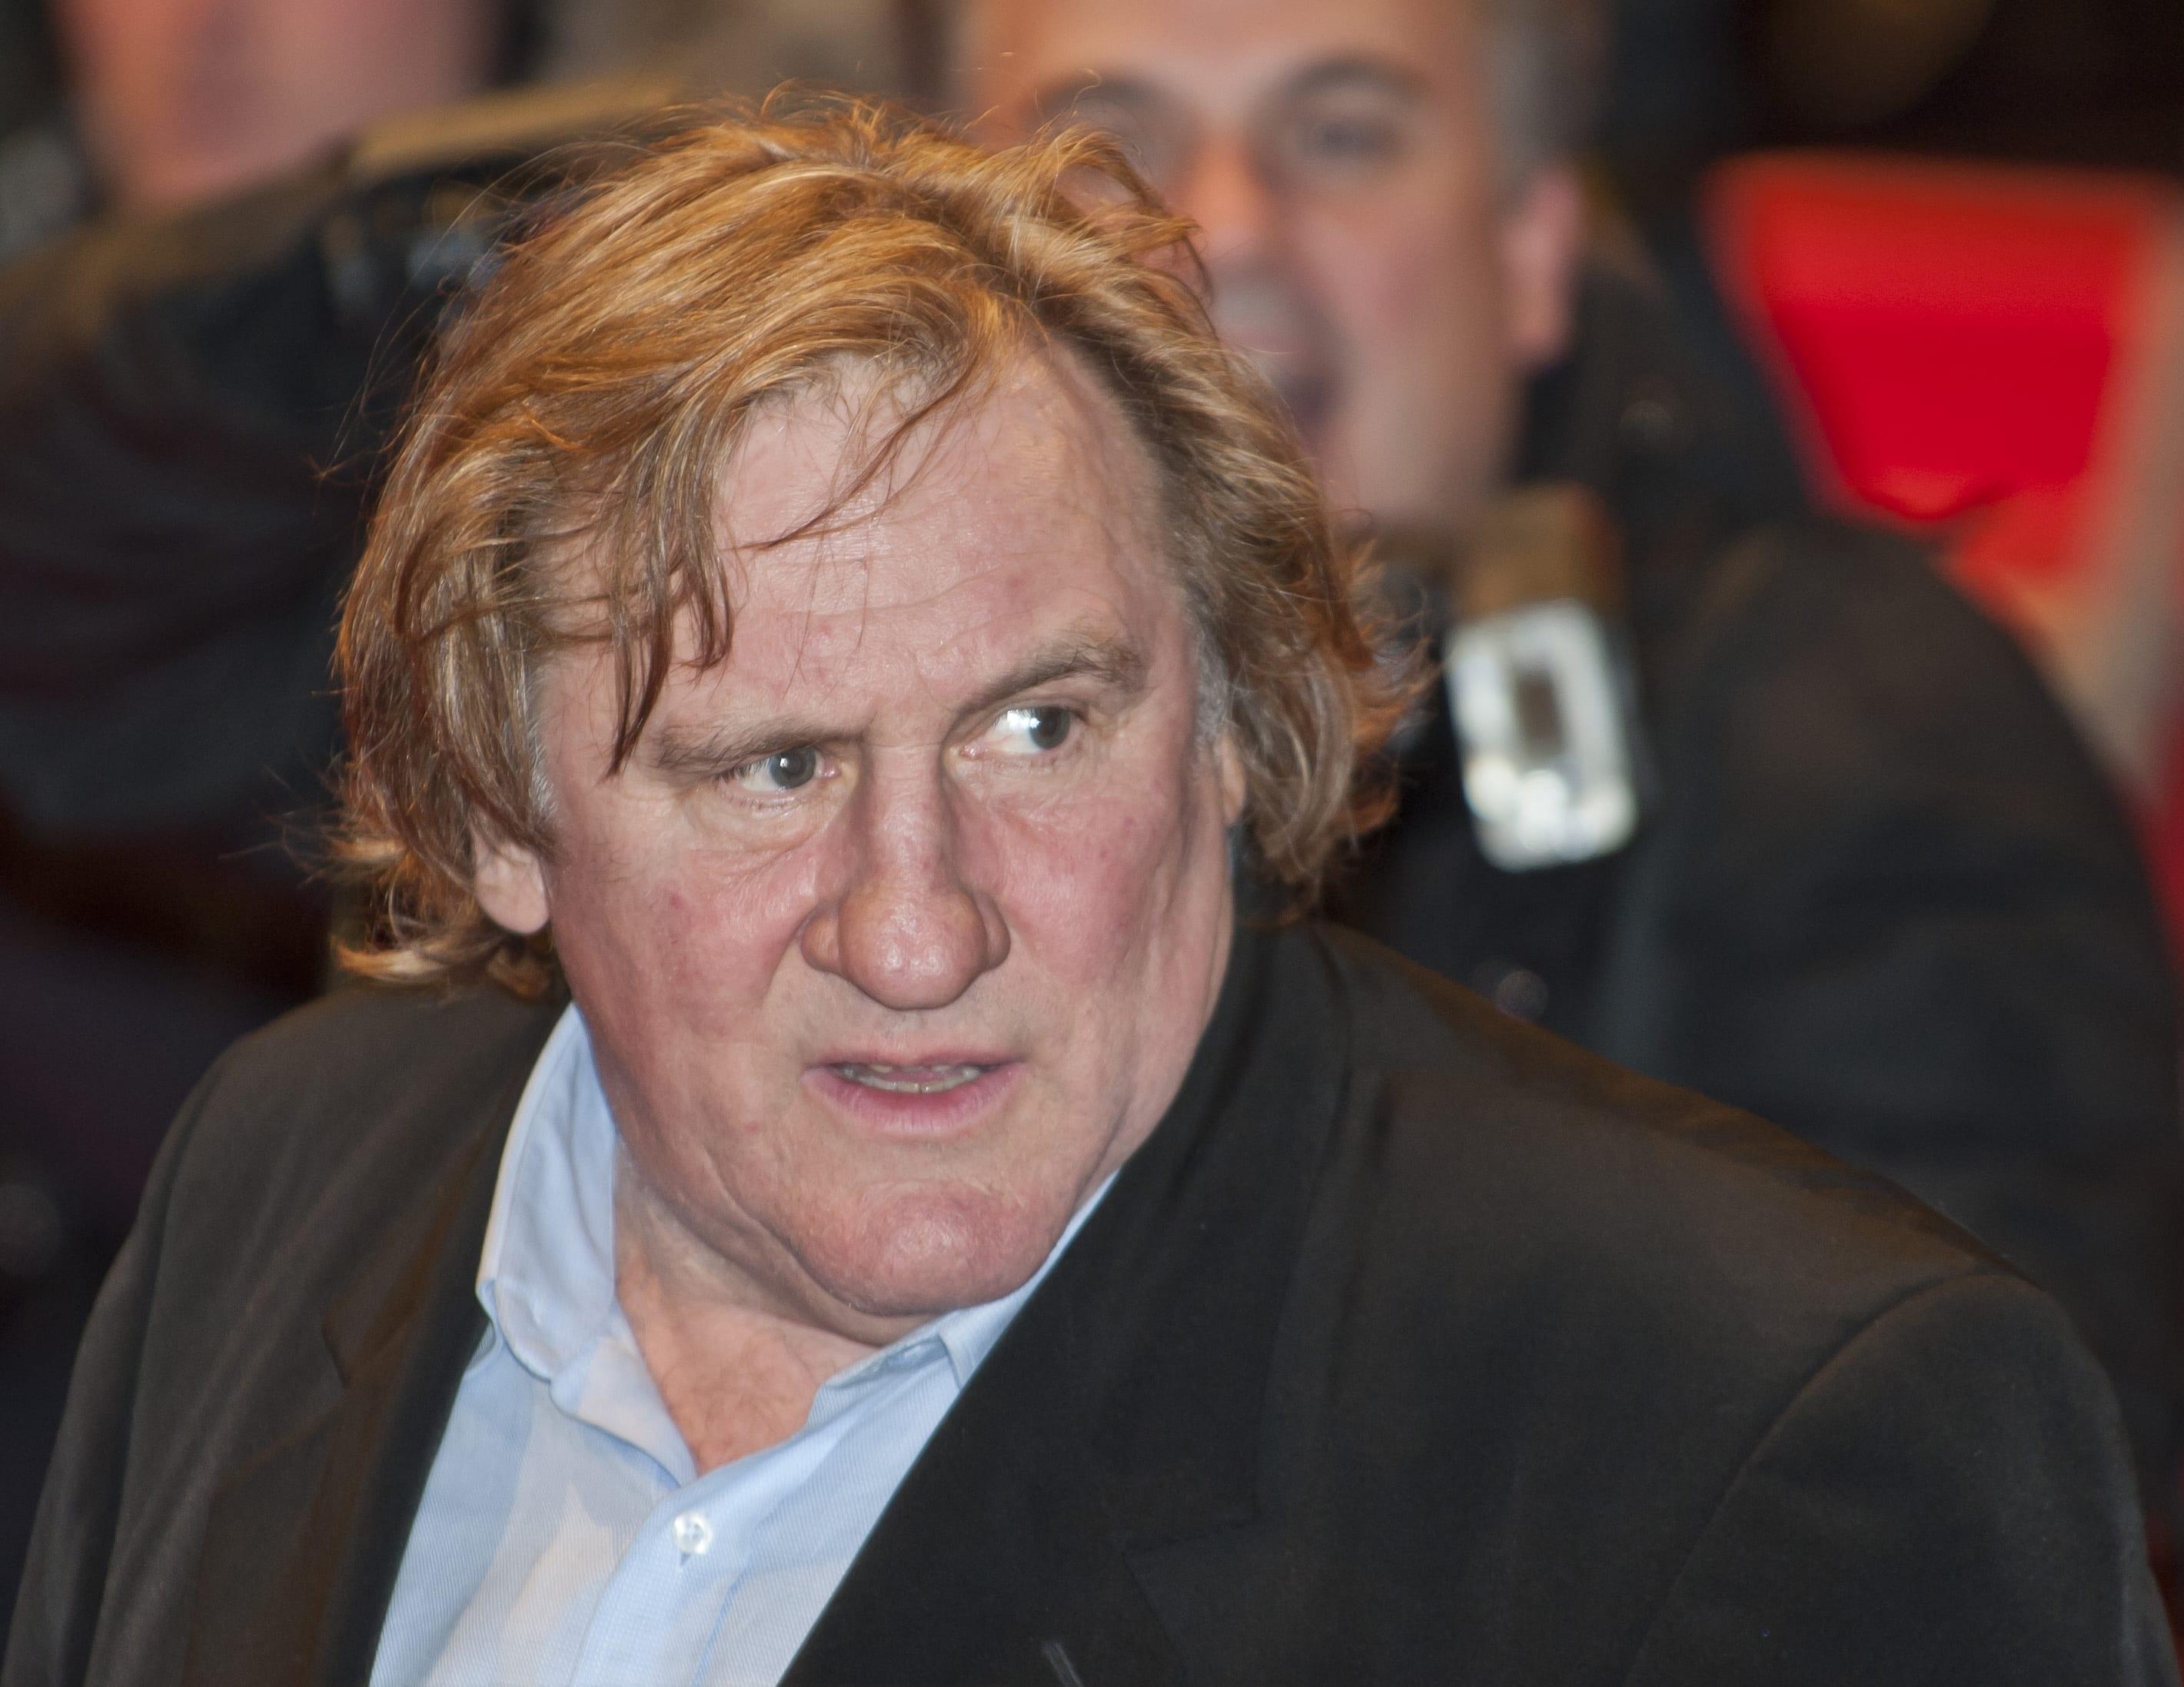 Franski leikarinn Gérard Depardieu sakaður um nauðgun